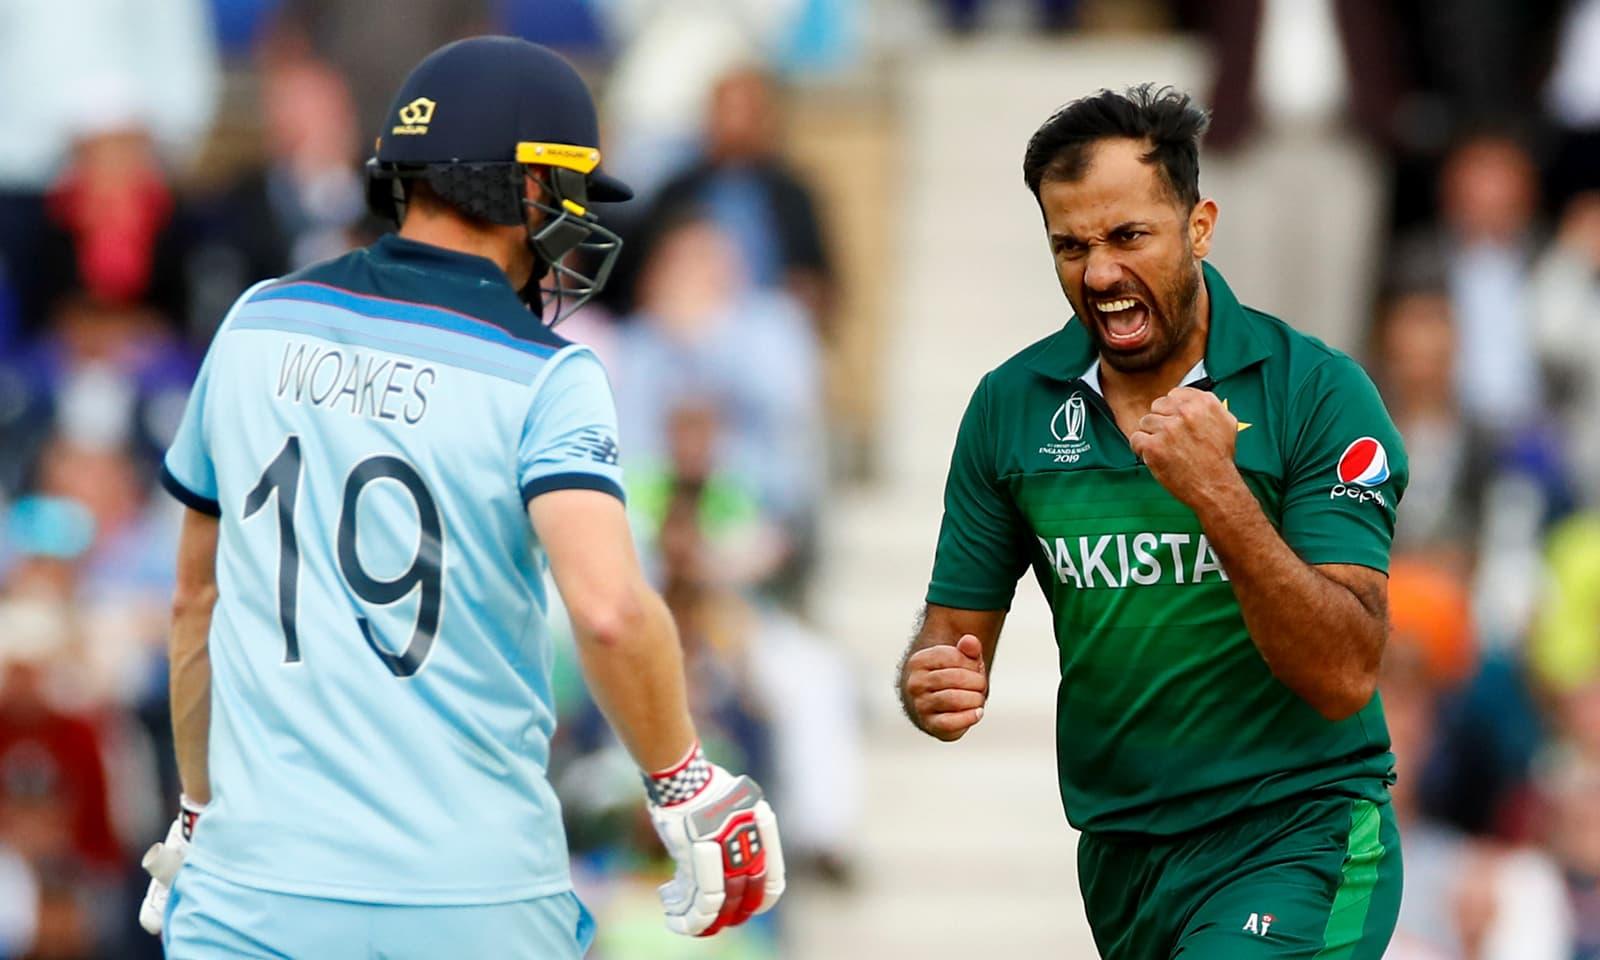 پاکستان نے میچ میں 14رنز سے فتح اپنے نام کی — فوٹو: رائٹرز